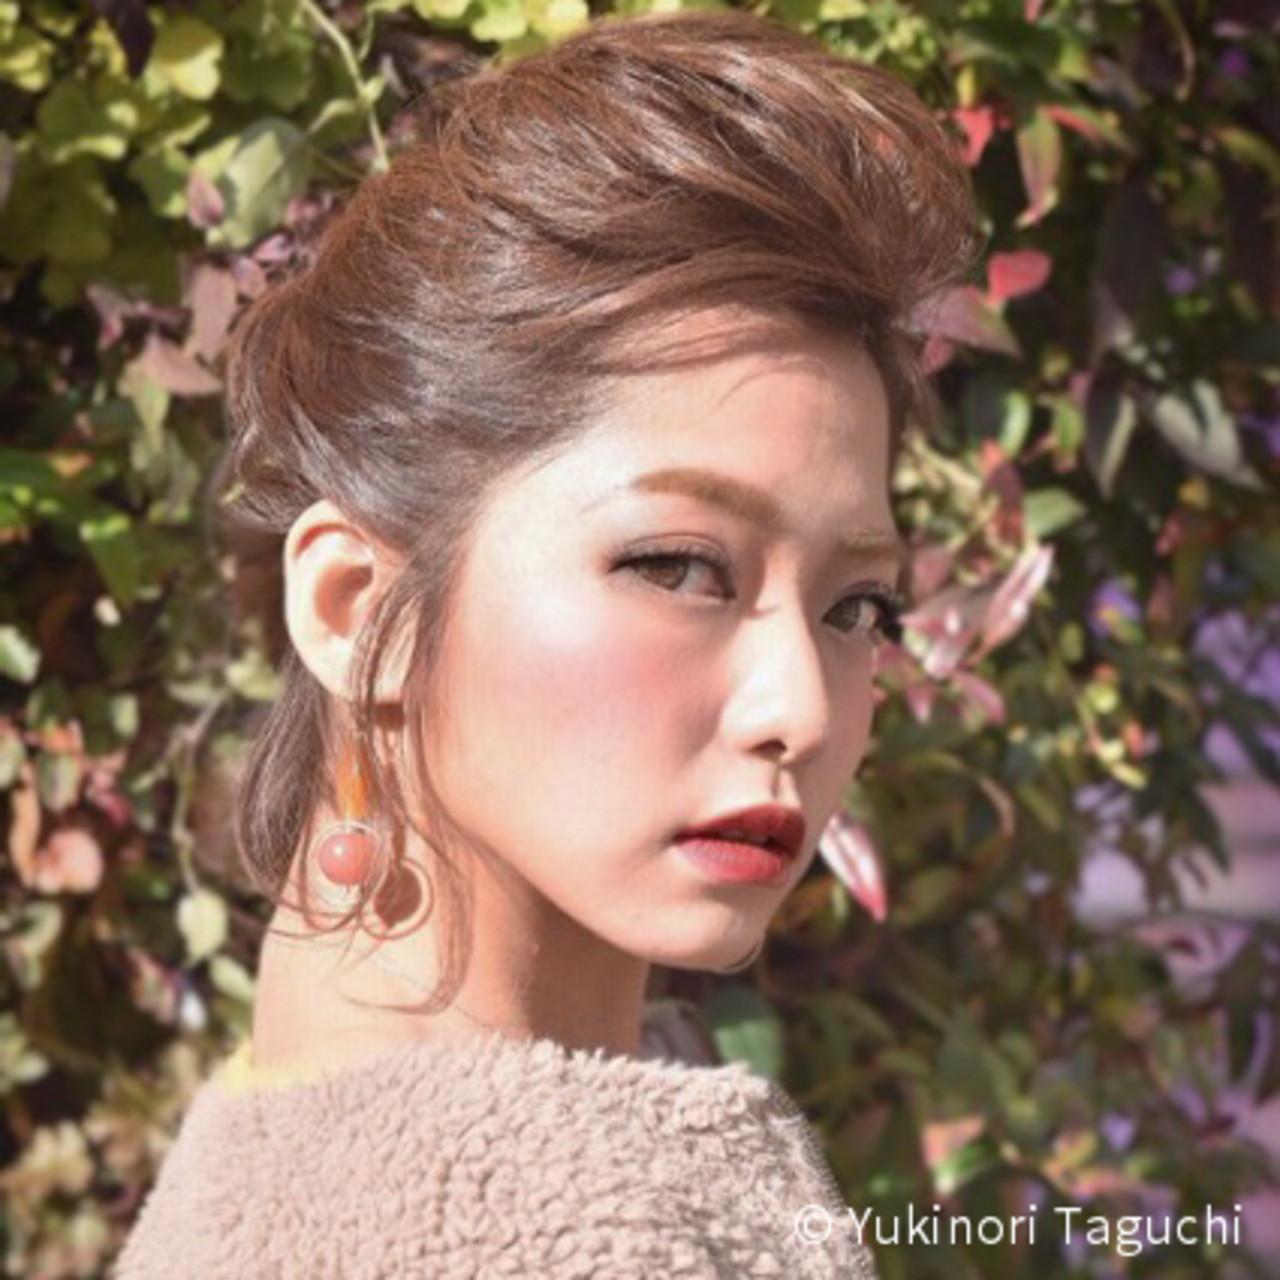 前髪なし!ふんわりトップのハーフアップ Yukinori Taguchi